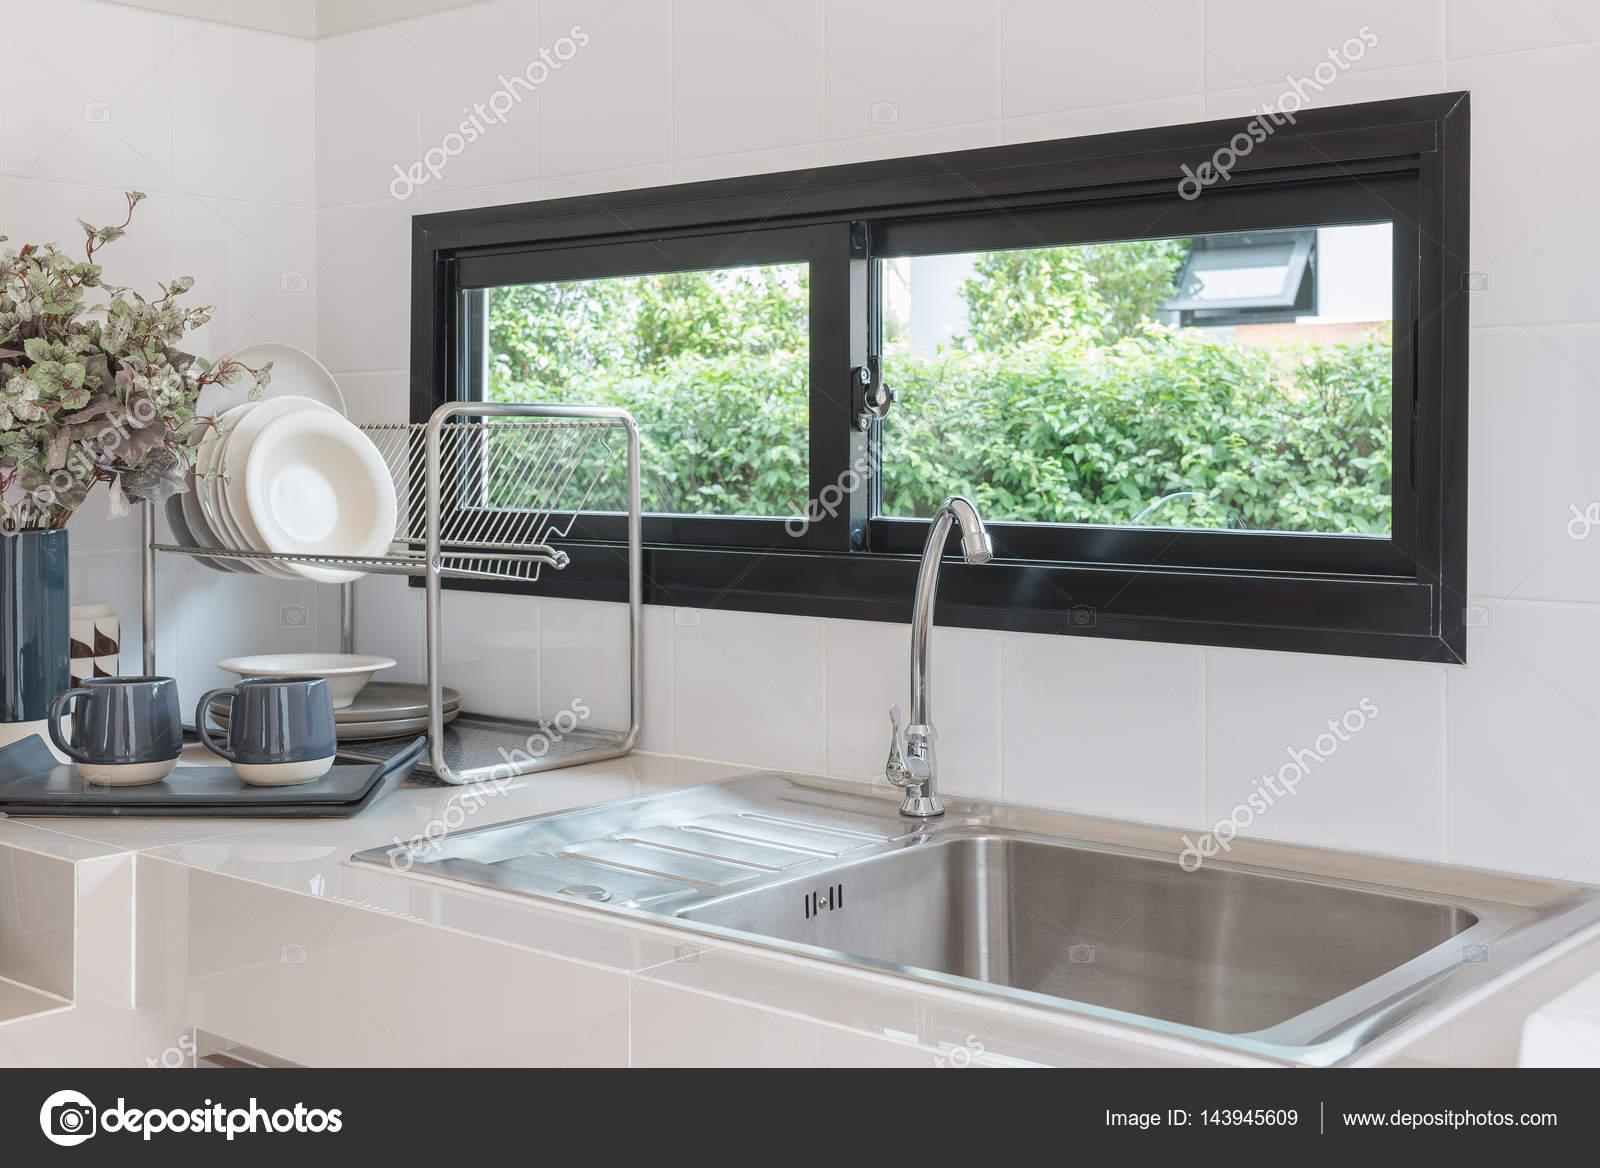 Projeto De Sala Cozinha Moderna Com Torneira E Pia Fotografias De